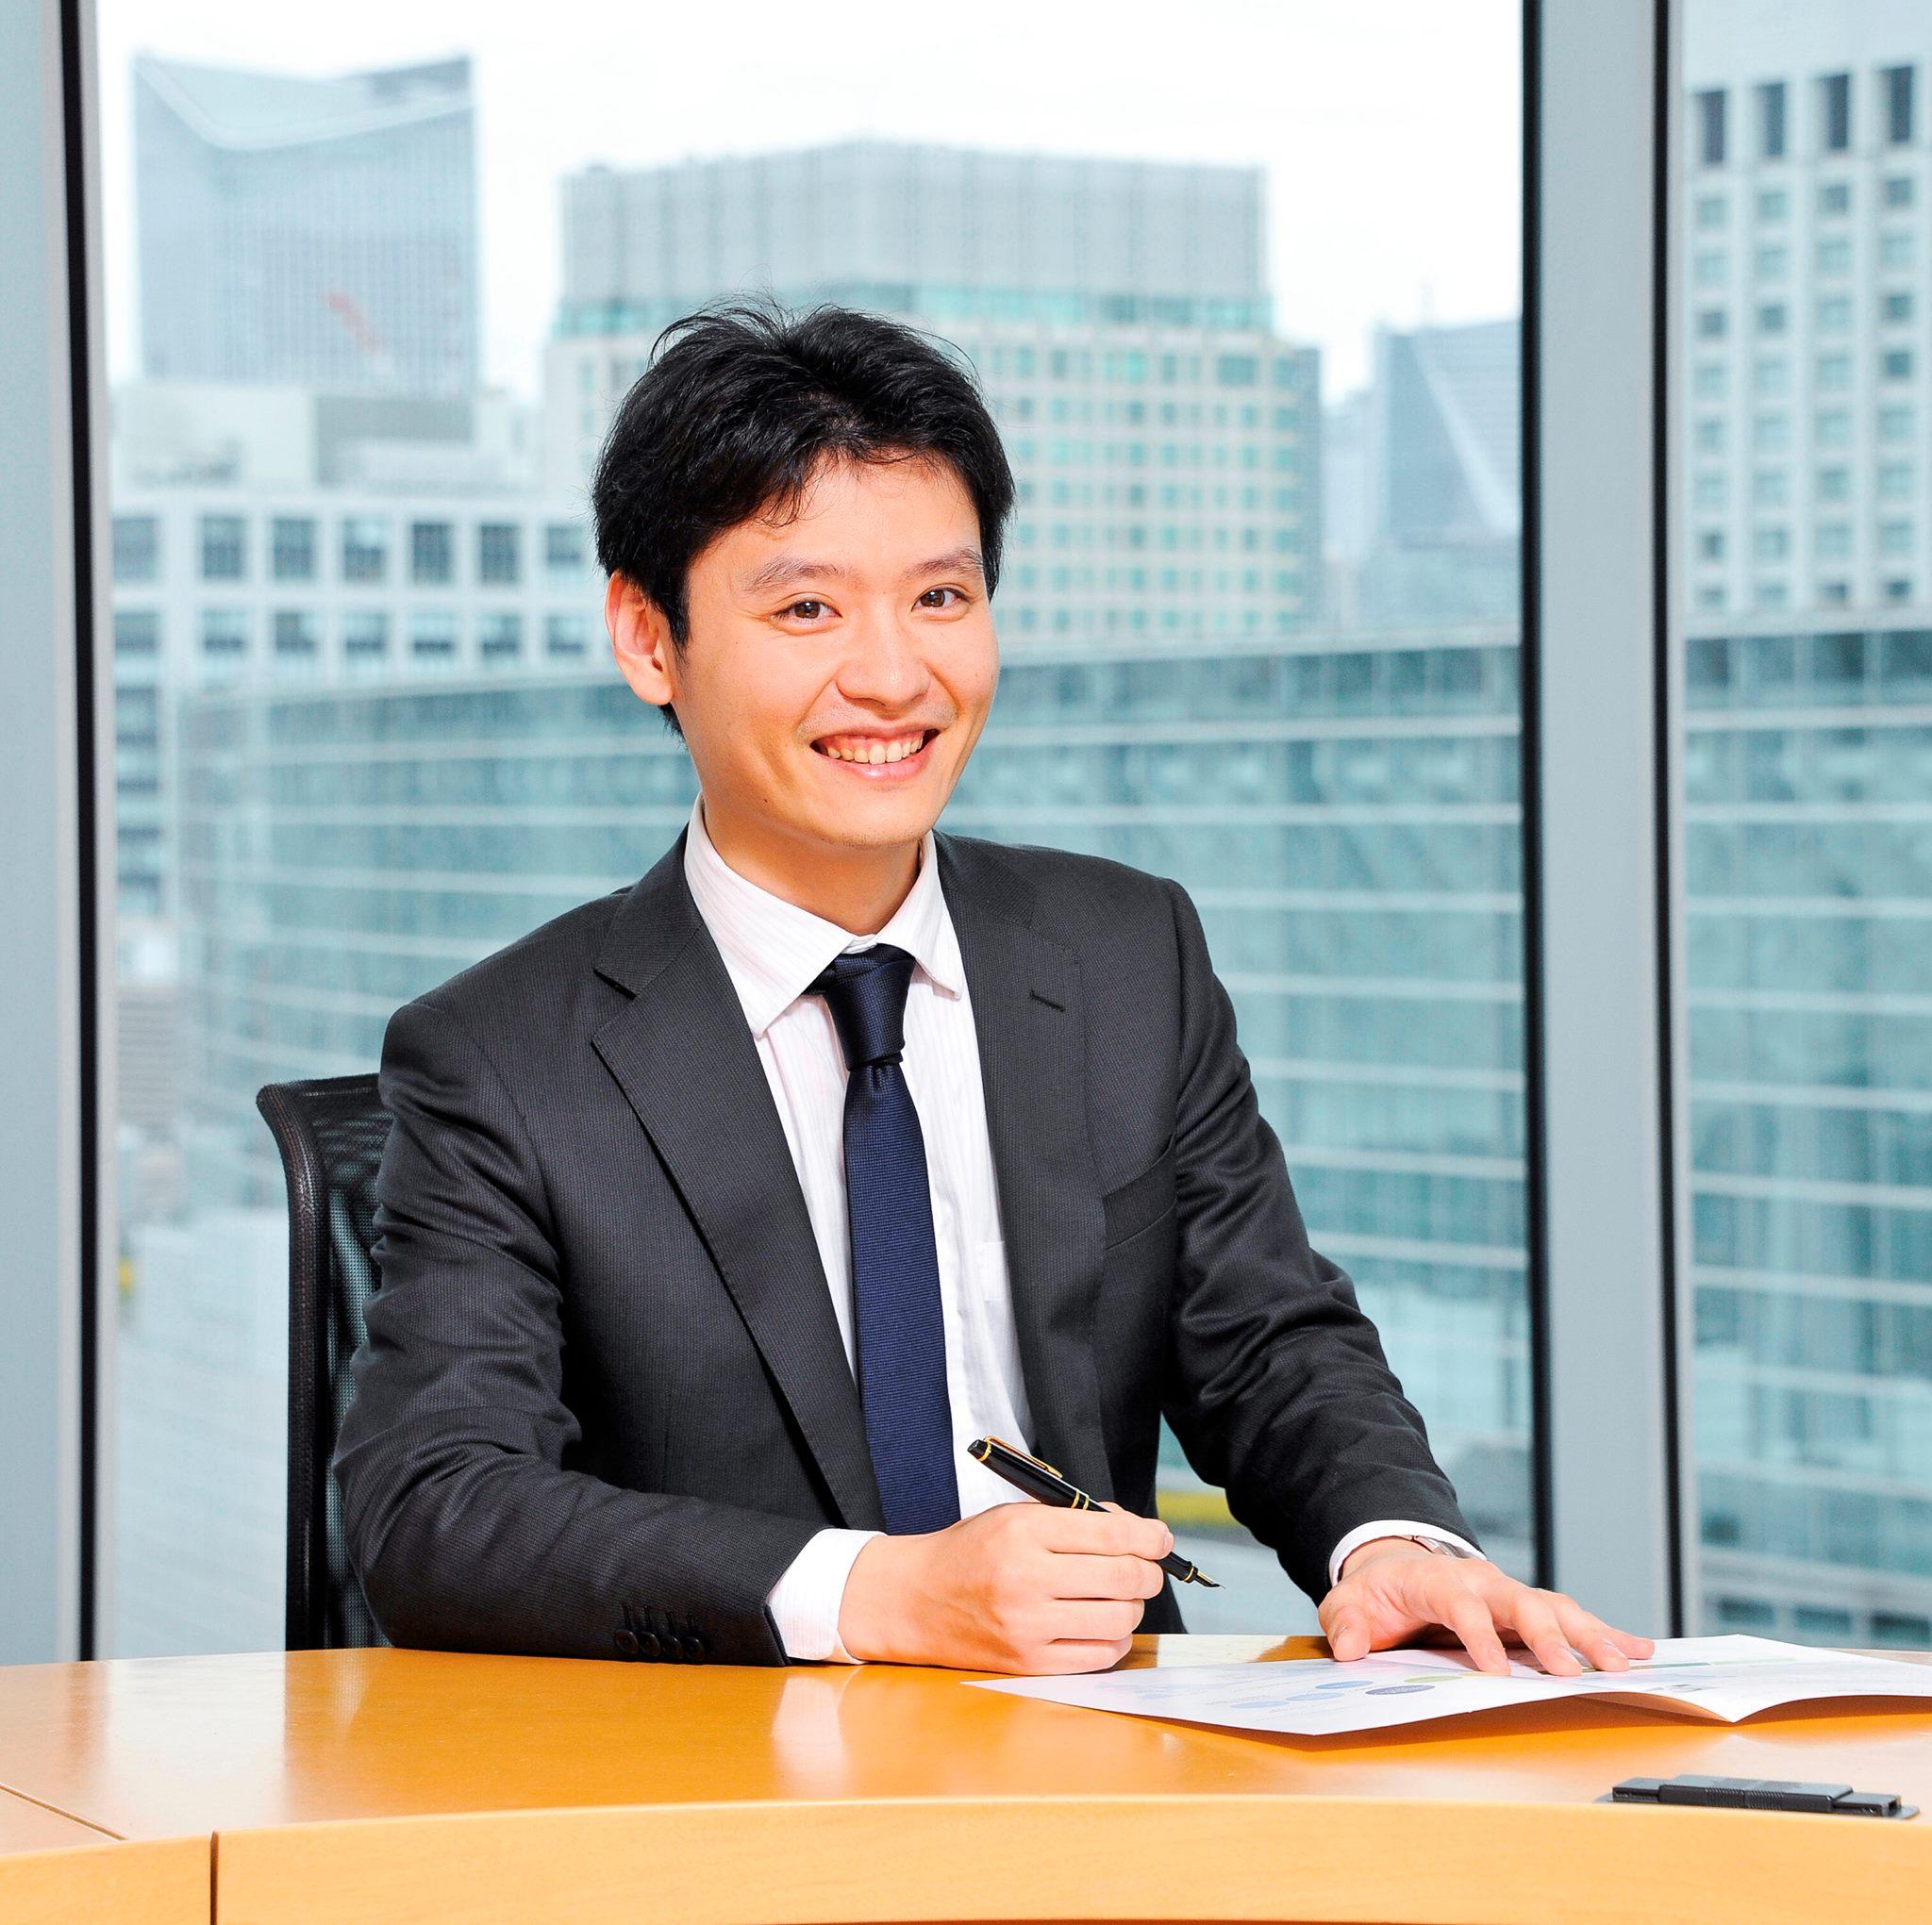 瀬川友史氏 トーマツベンチャーサポート株式会社ロボット・ドローンインダストリーリーダー